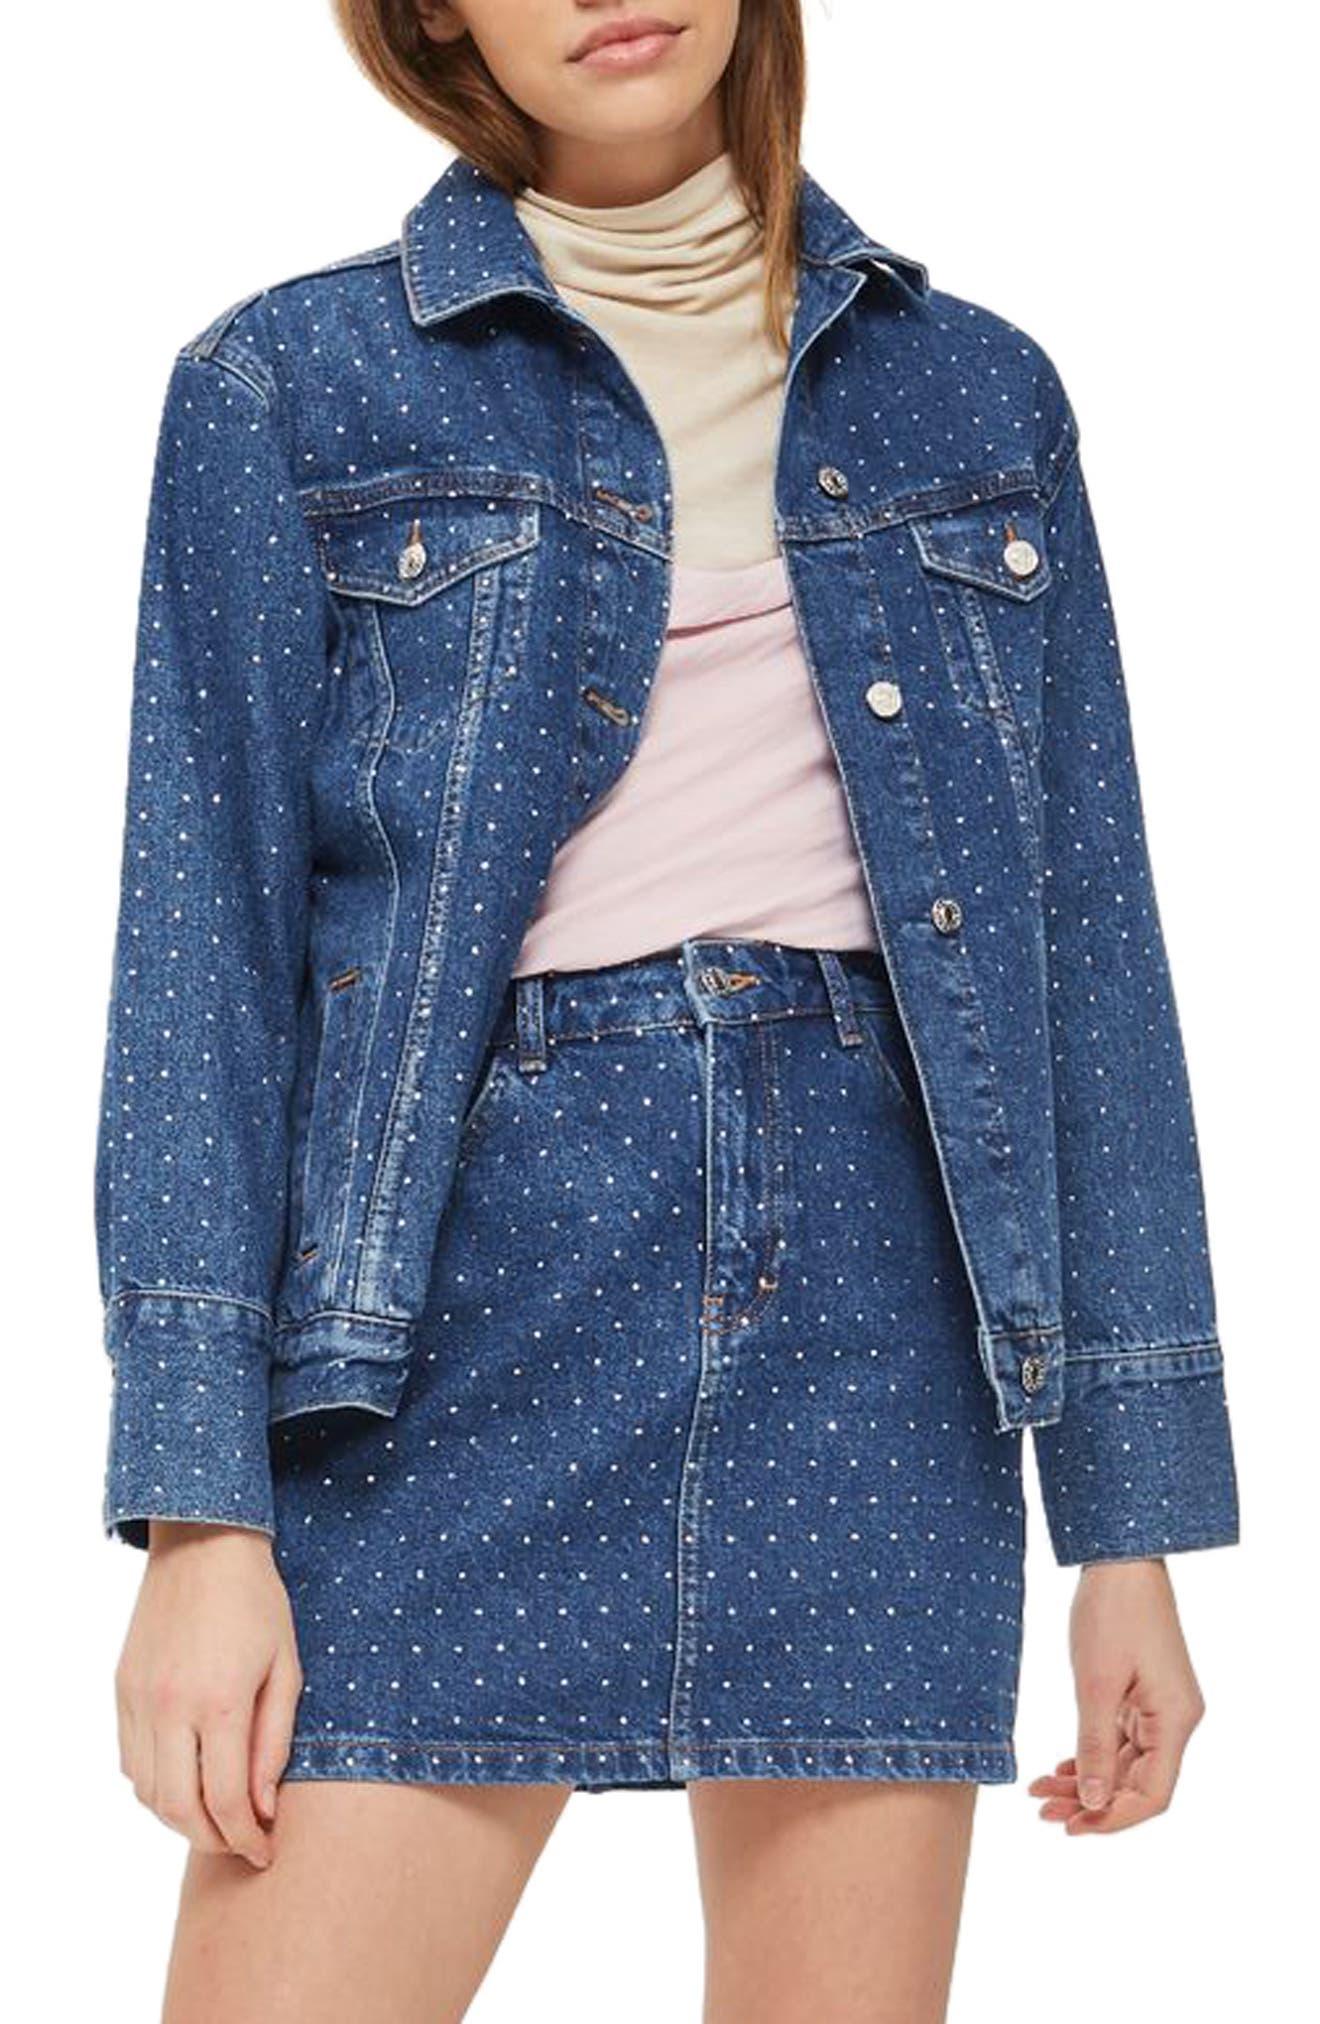 Alternate Image 1 Selected - Topshop Crystal Studded Denim Jacket